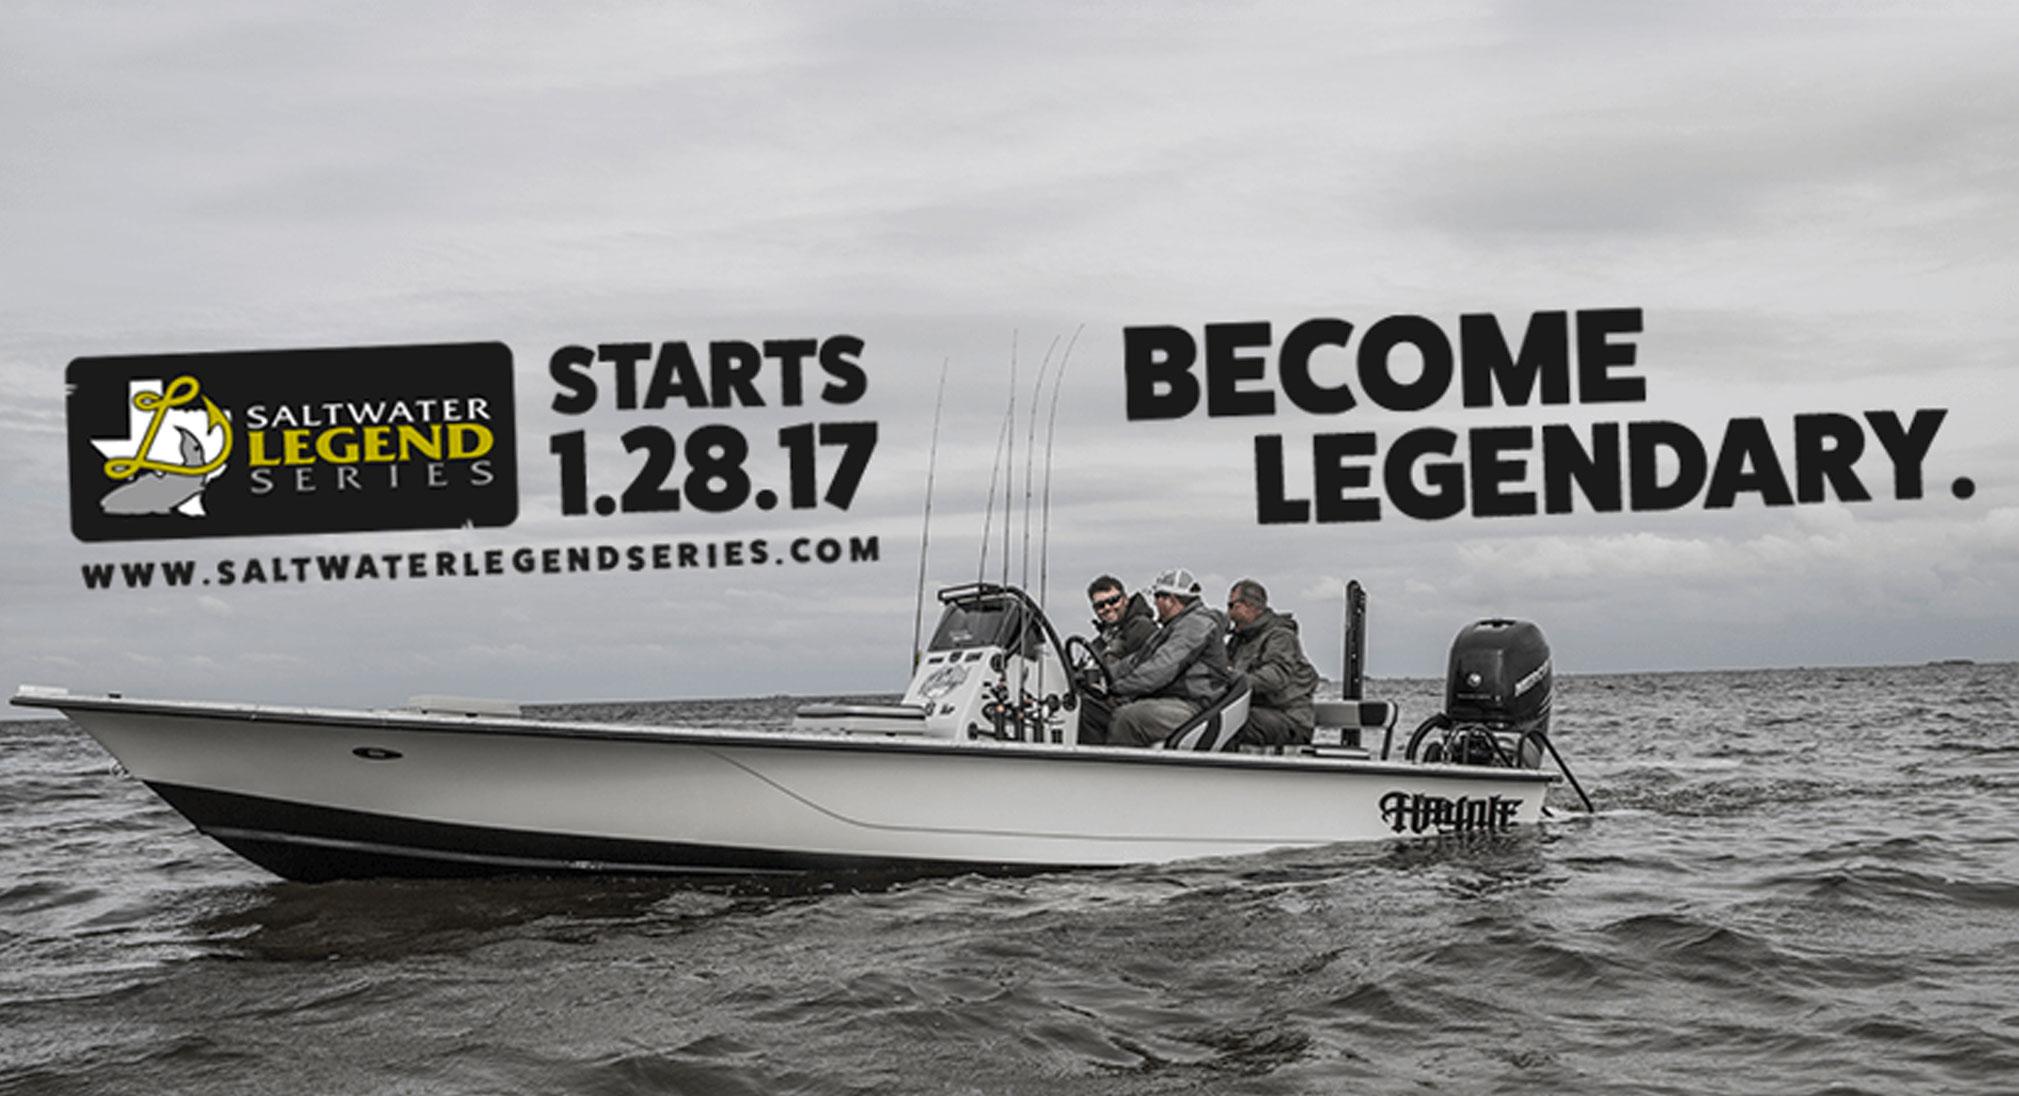 Saltwater Legend Series